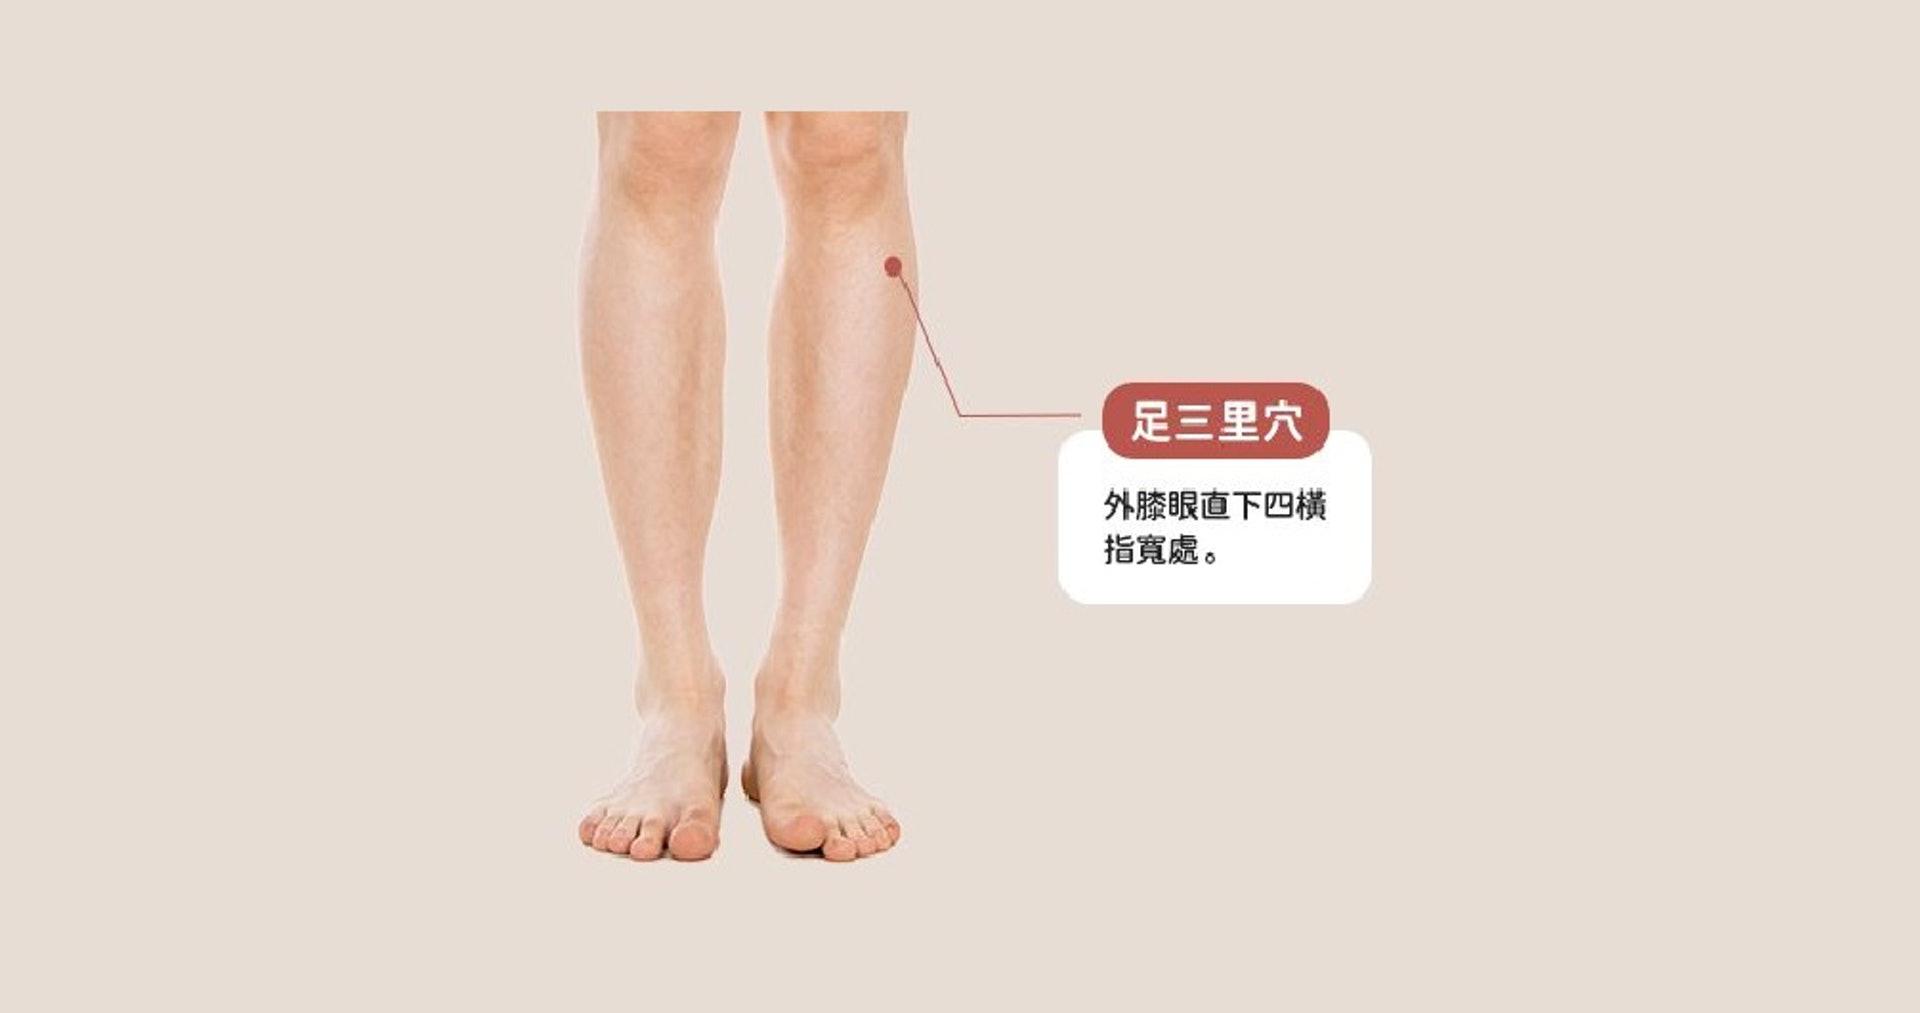 「足三里穴」位於外膝眼下三寸,約四橫指距離的凹溝處,按壓有助增強脾胃的消化功能,從而改善食慾。而且它具有健脾和胃、扶正培元的功效,常按有保健養生作用。(圖片:epochtimes)